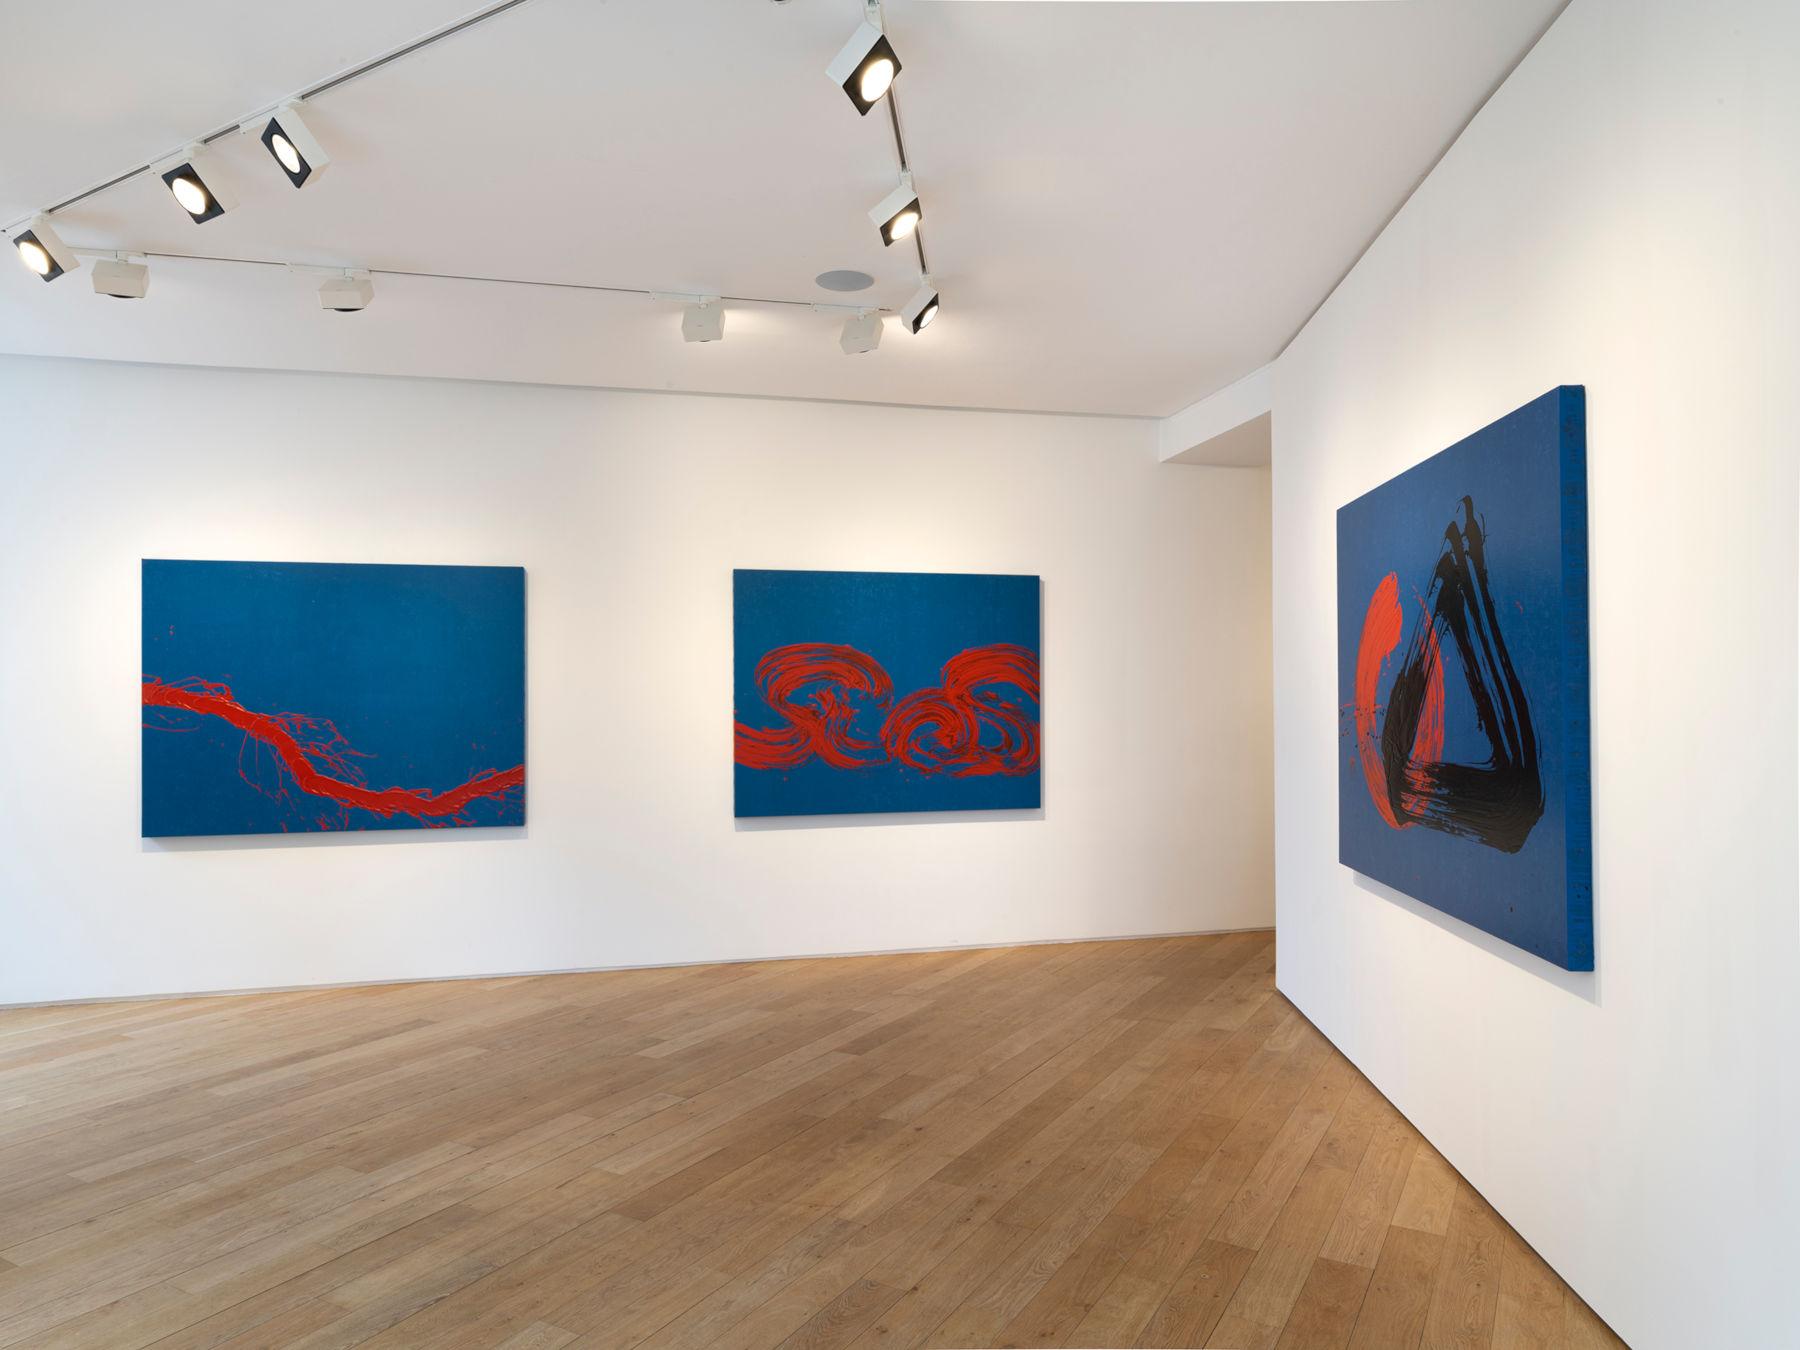 Galerie Lelong Matignon Fabienne Verdier 1